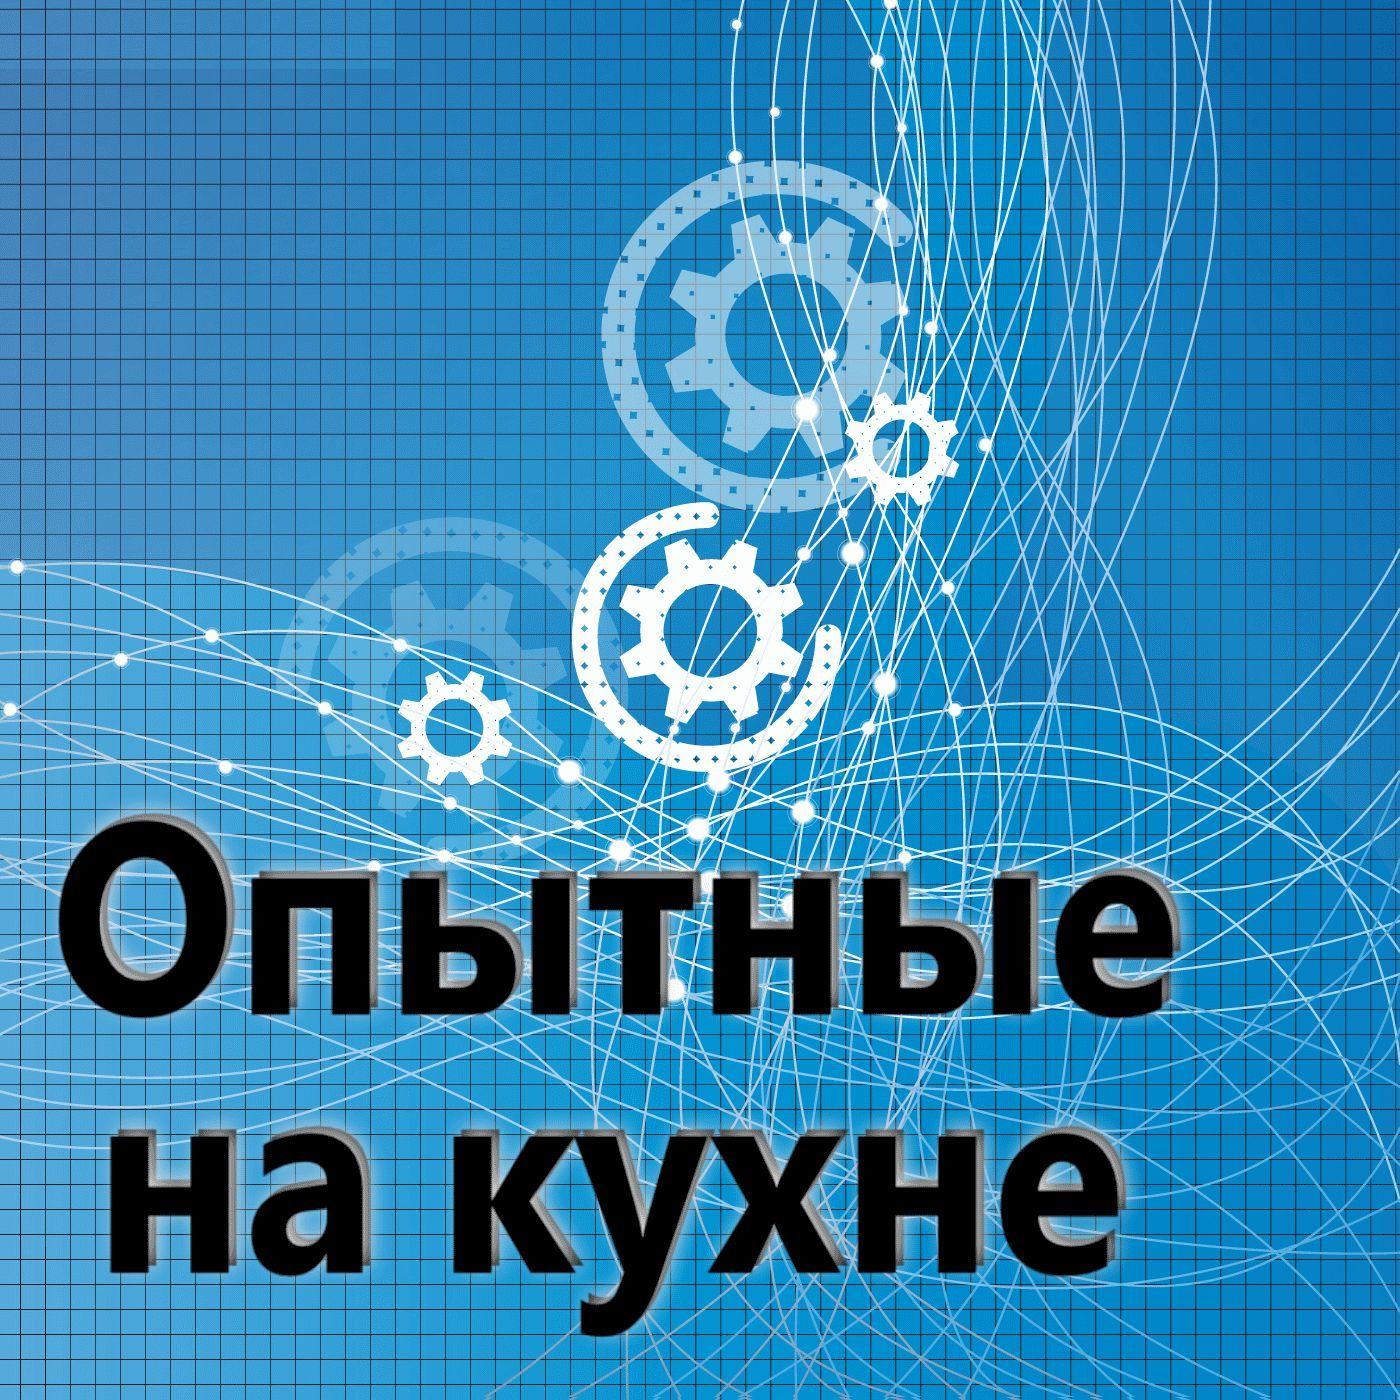 Евгений Плешивцев Опытные на кухне №028 феникс набор для творчества летательные аппараты